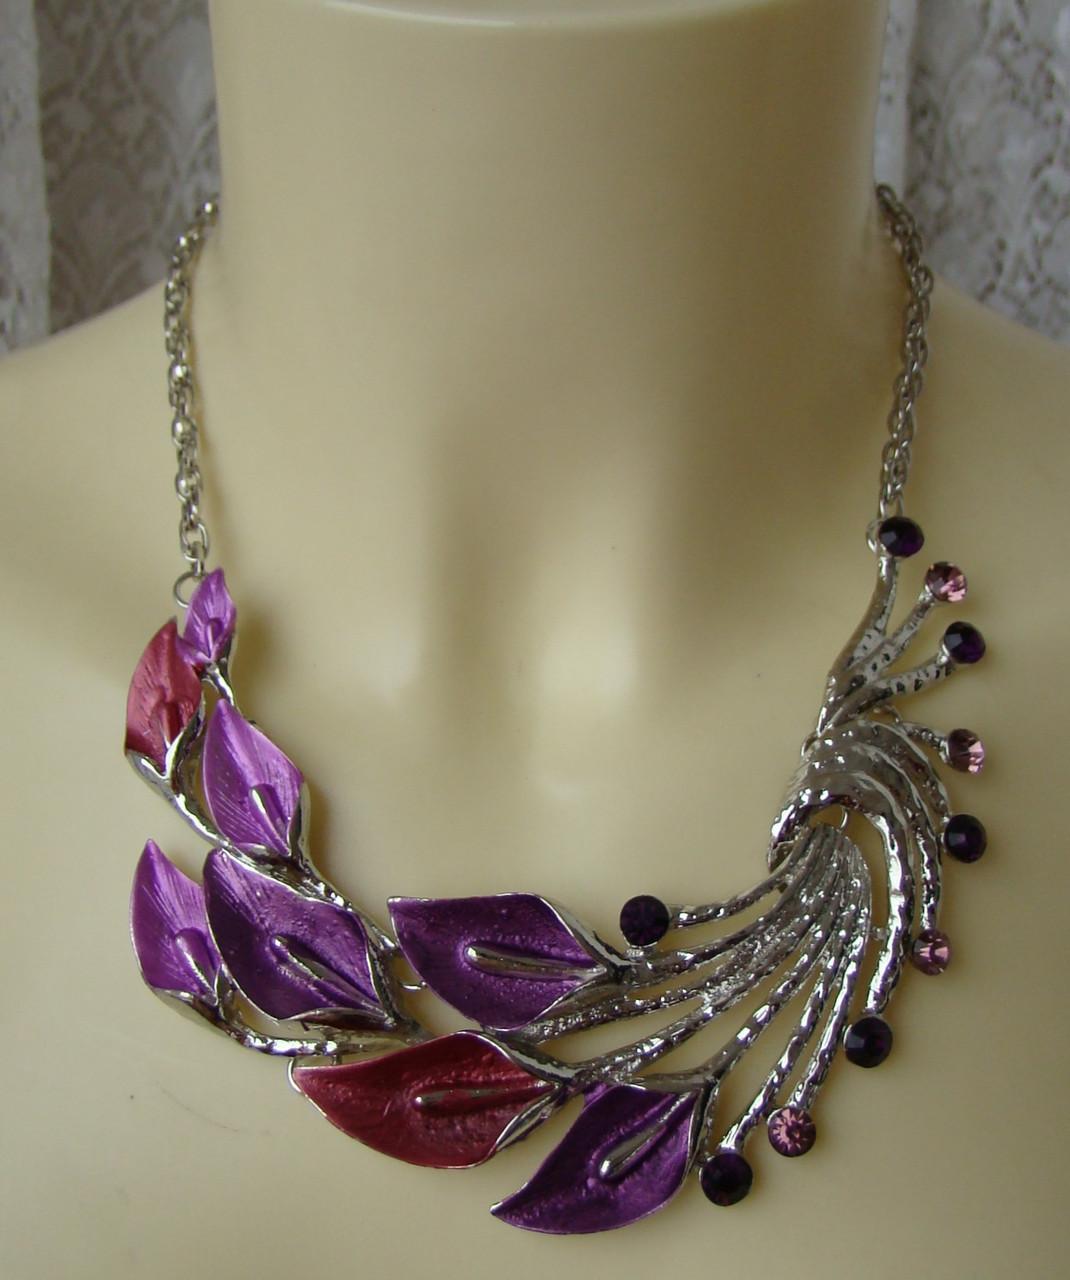 Колье женское райская птица украшение металл ювелирная бижутерия 5574, фото 1